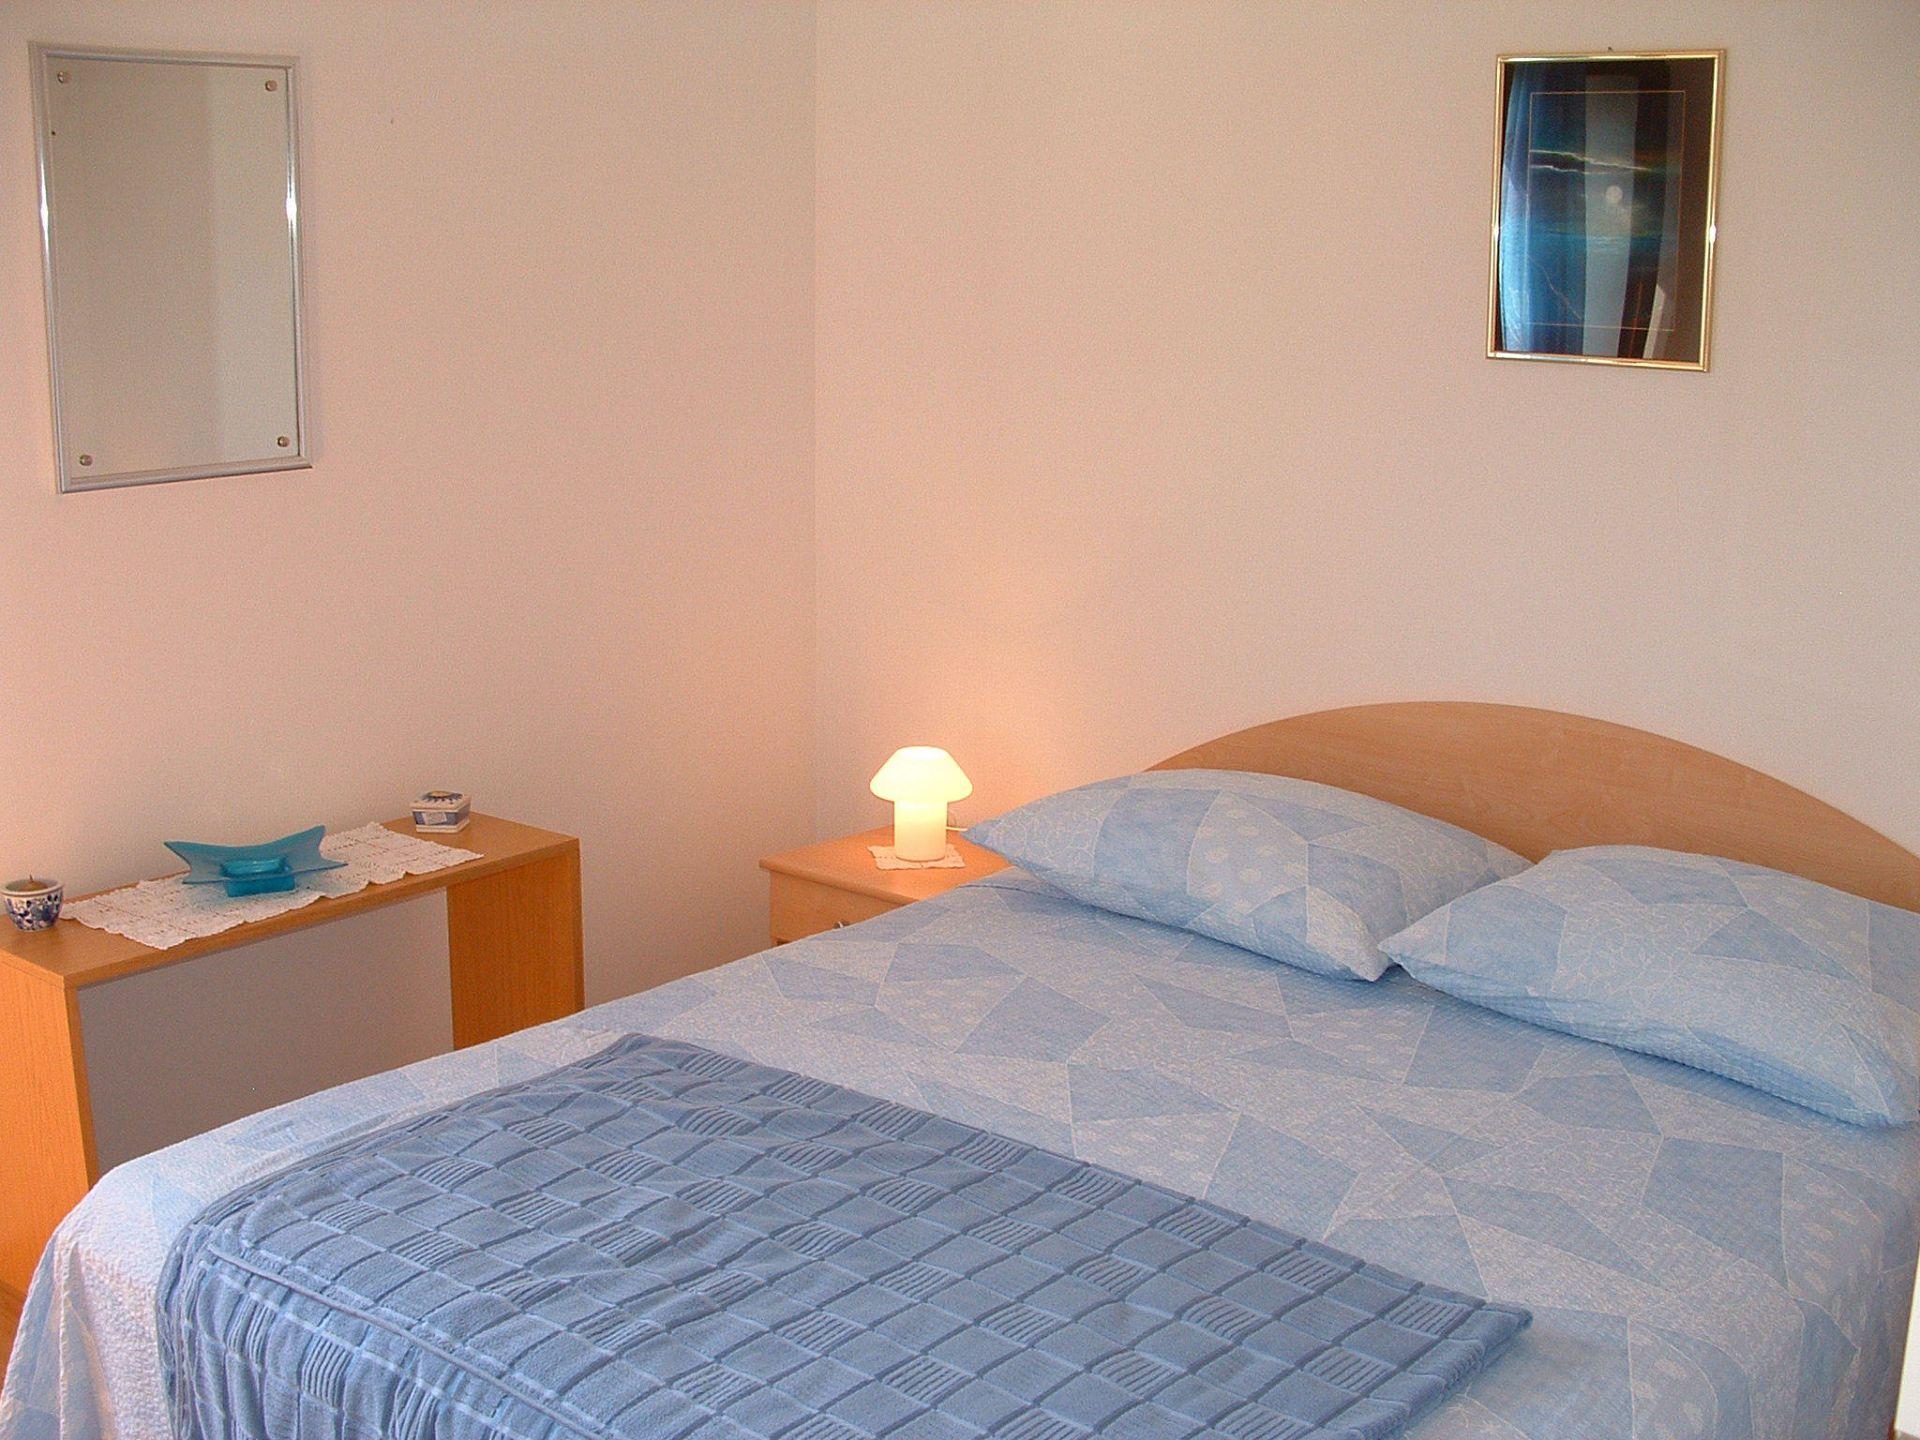 01301MIRC  - Mirca - Appartamenti Croazia - A1(6+2): la camera da letto